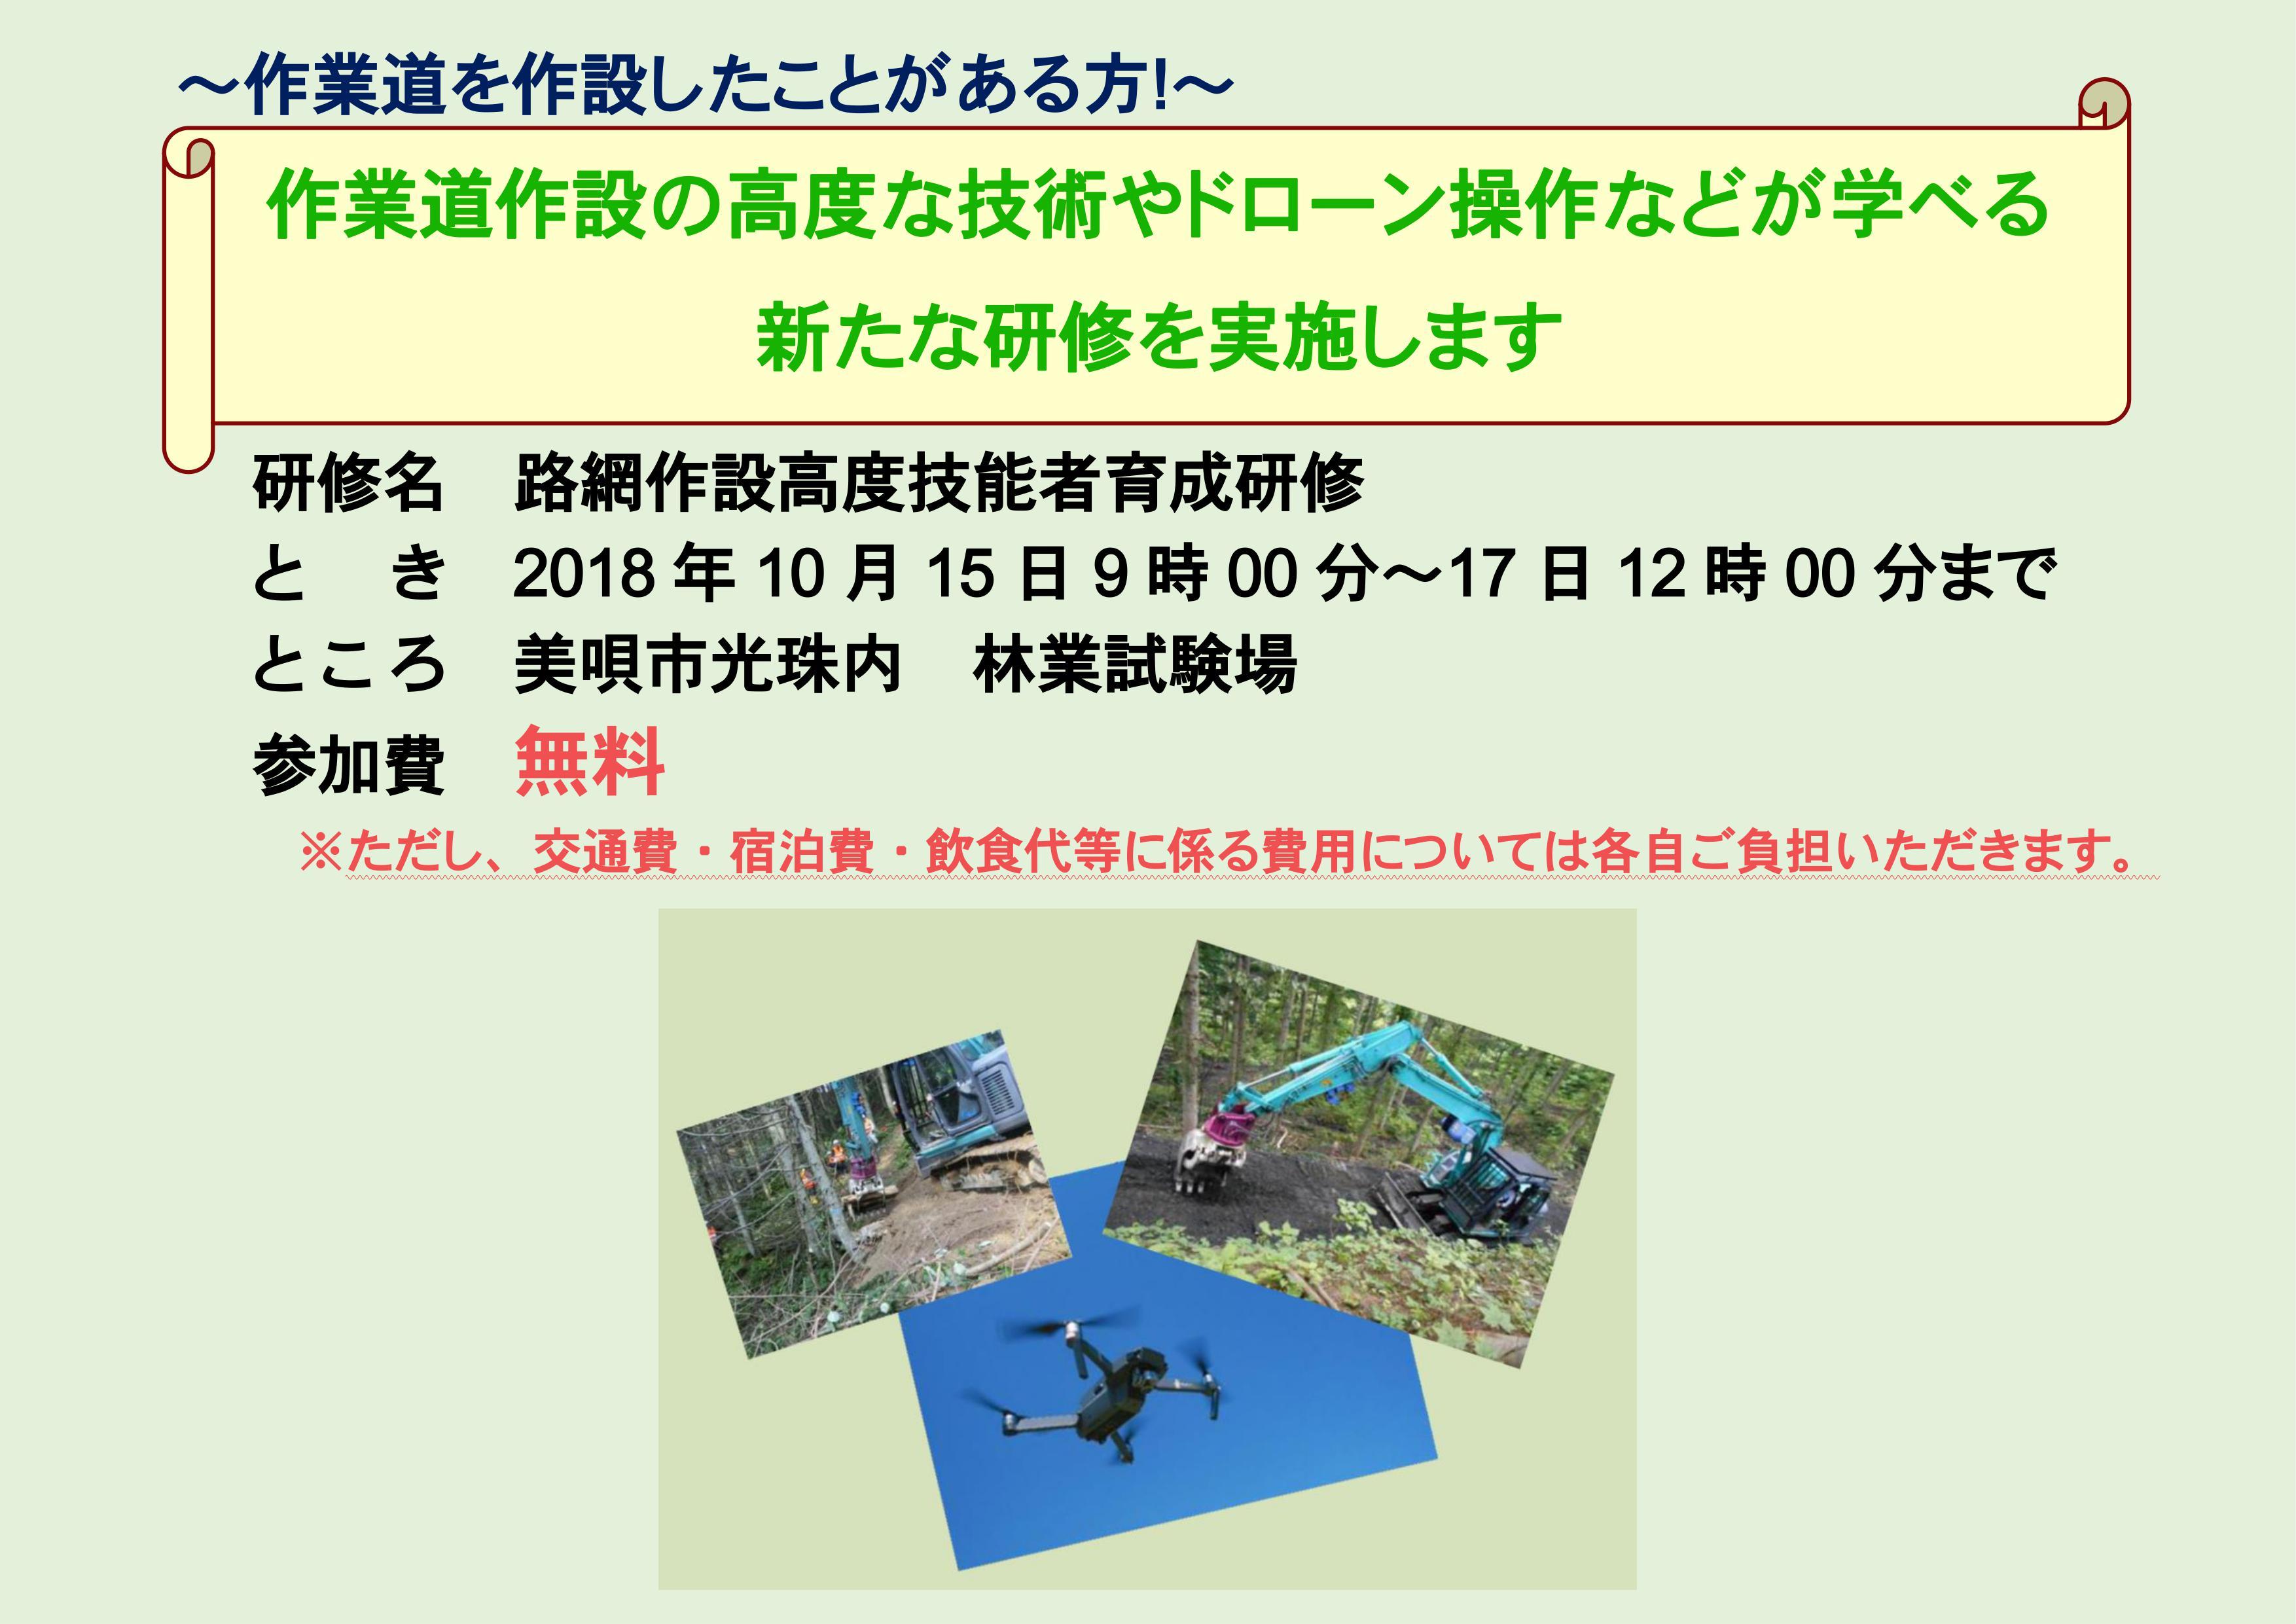 路網トップ画像修正後 (2).jpg